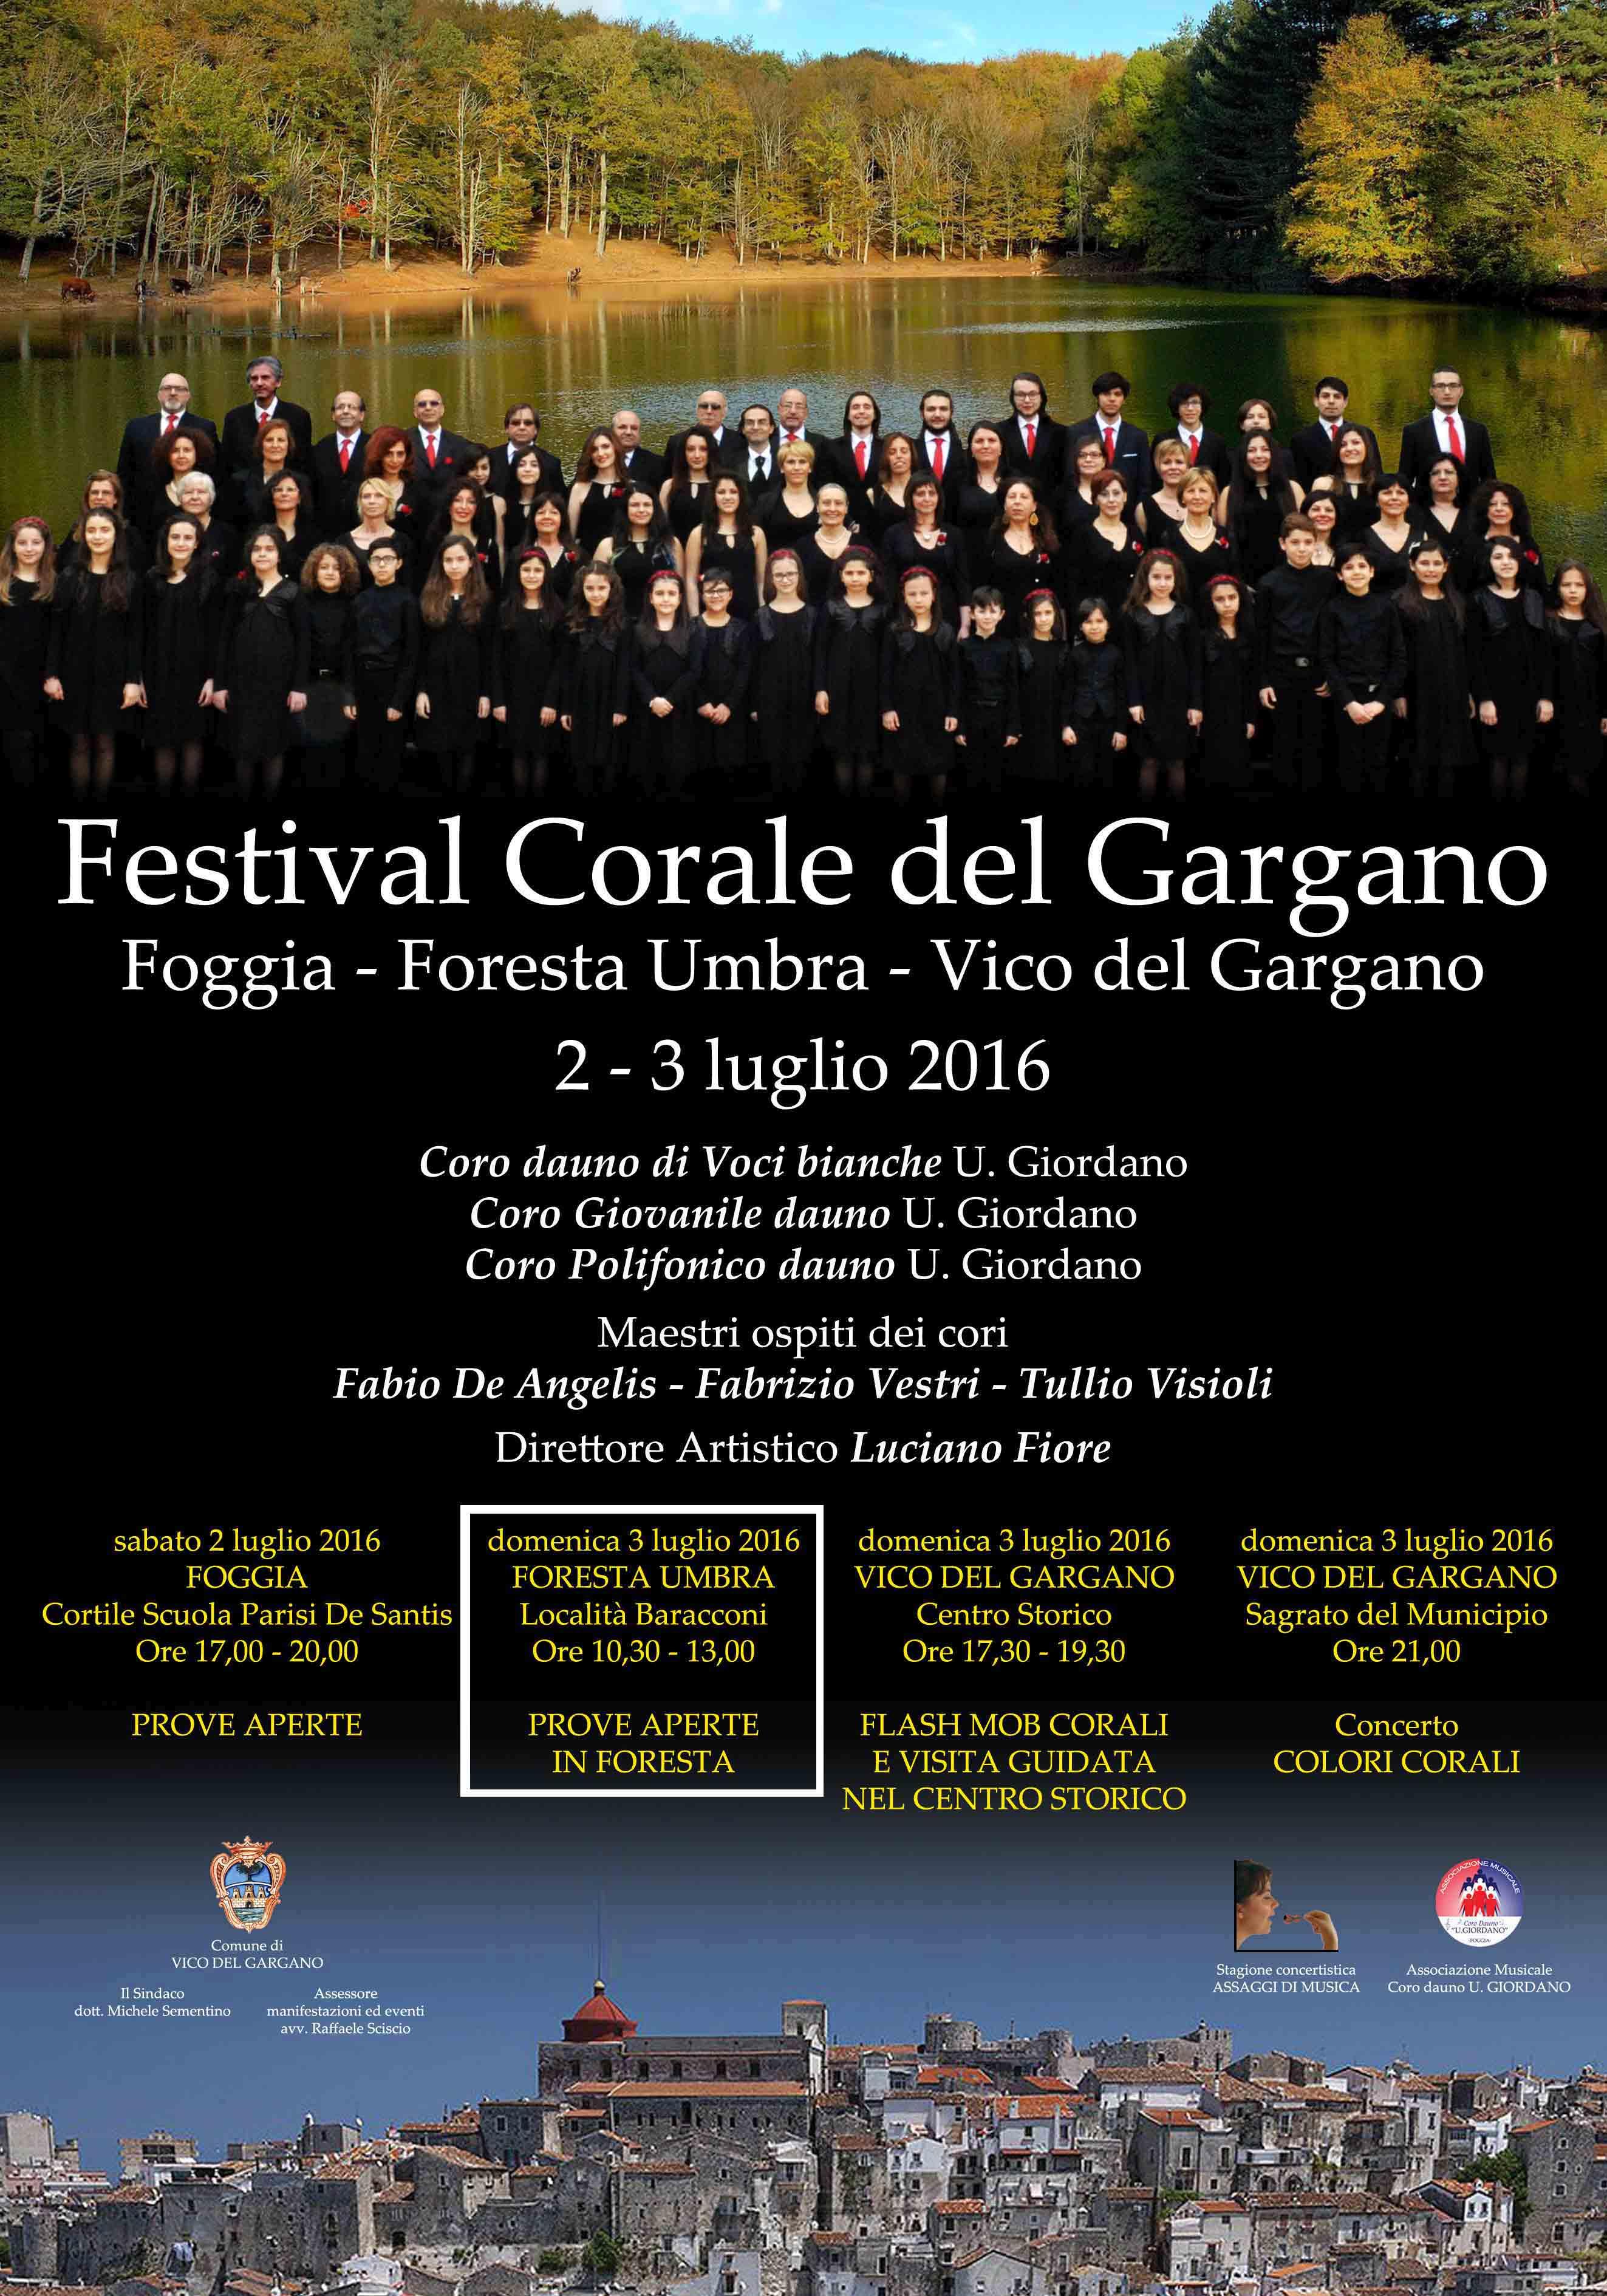 Festival Corale del Gargano 2016 – Prove in foresta